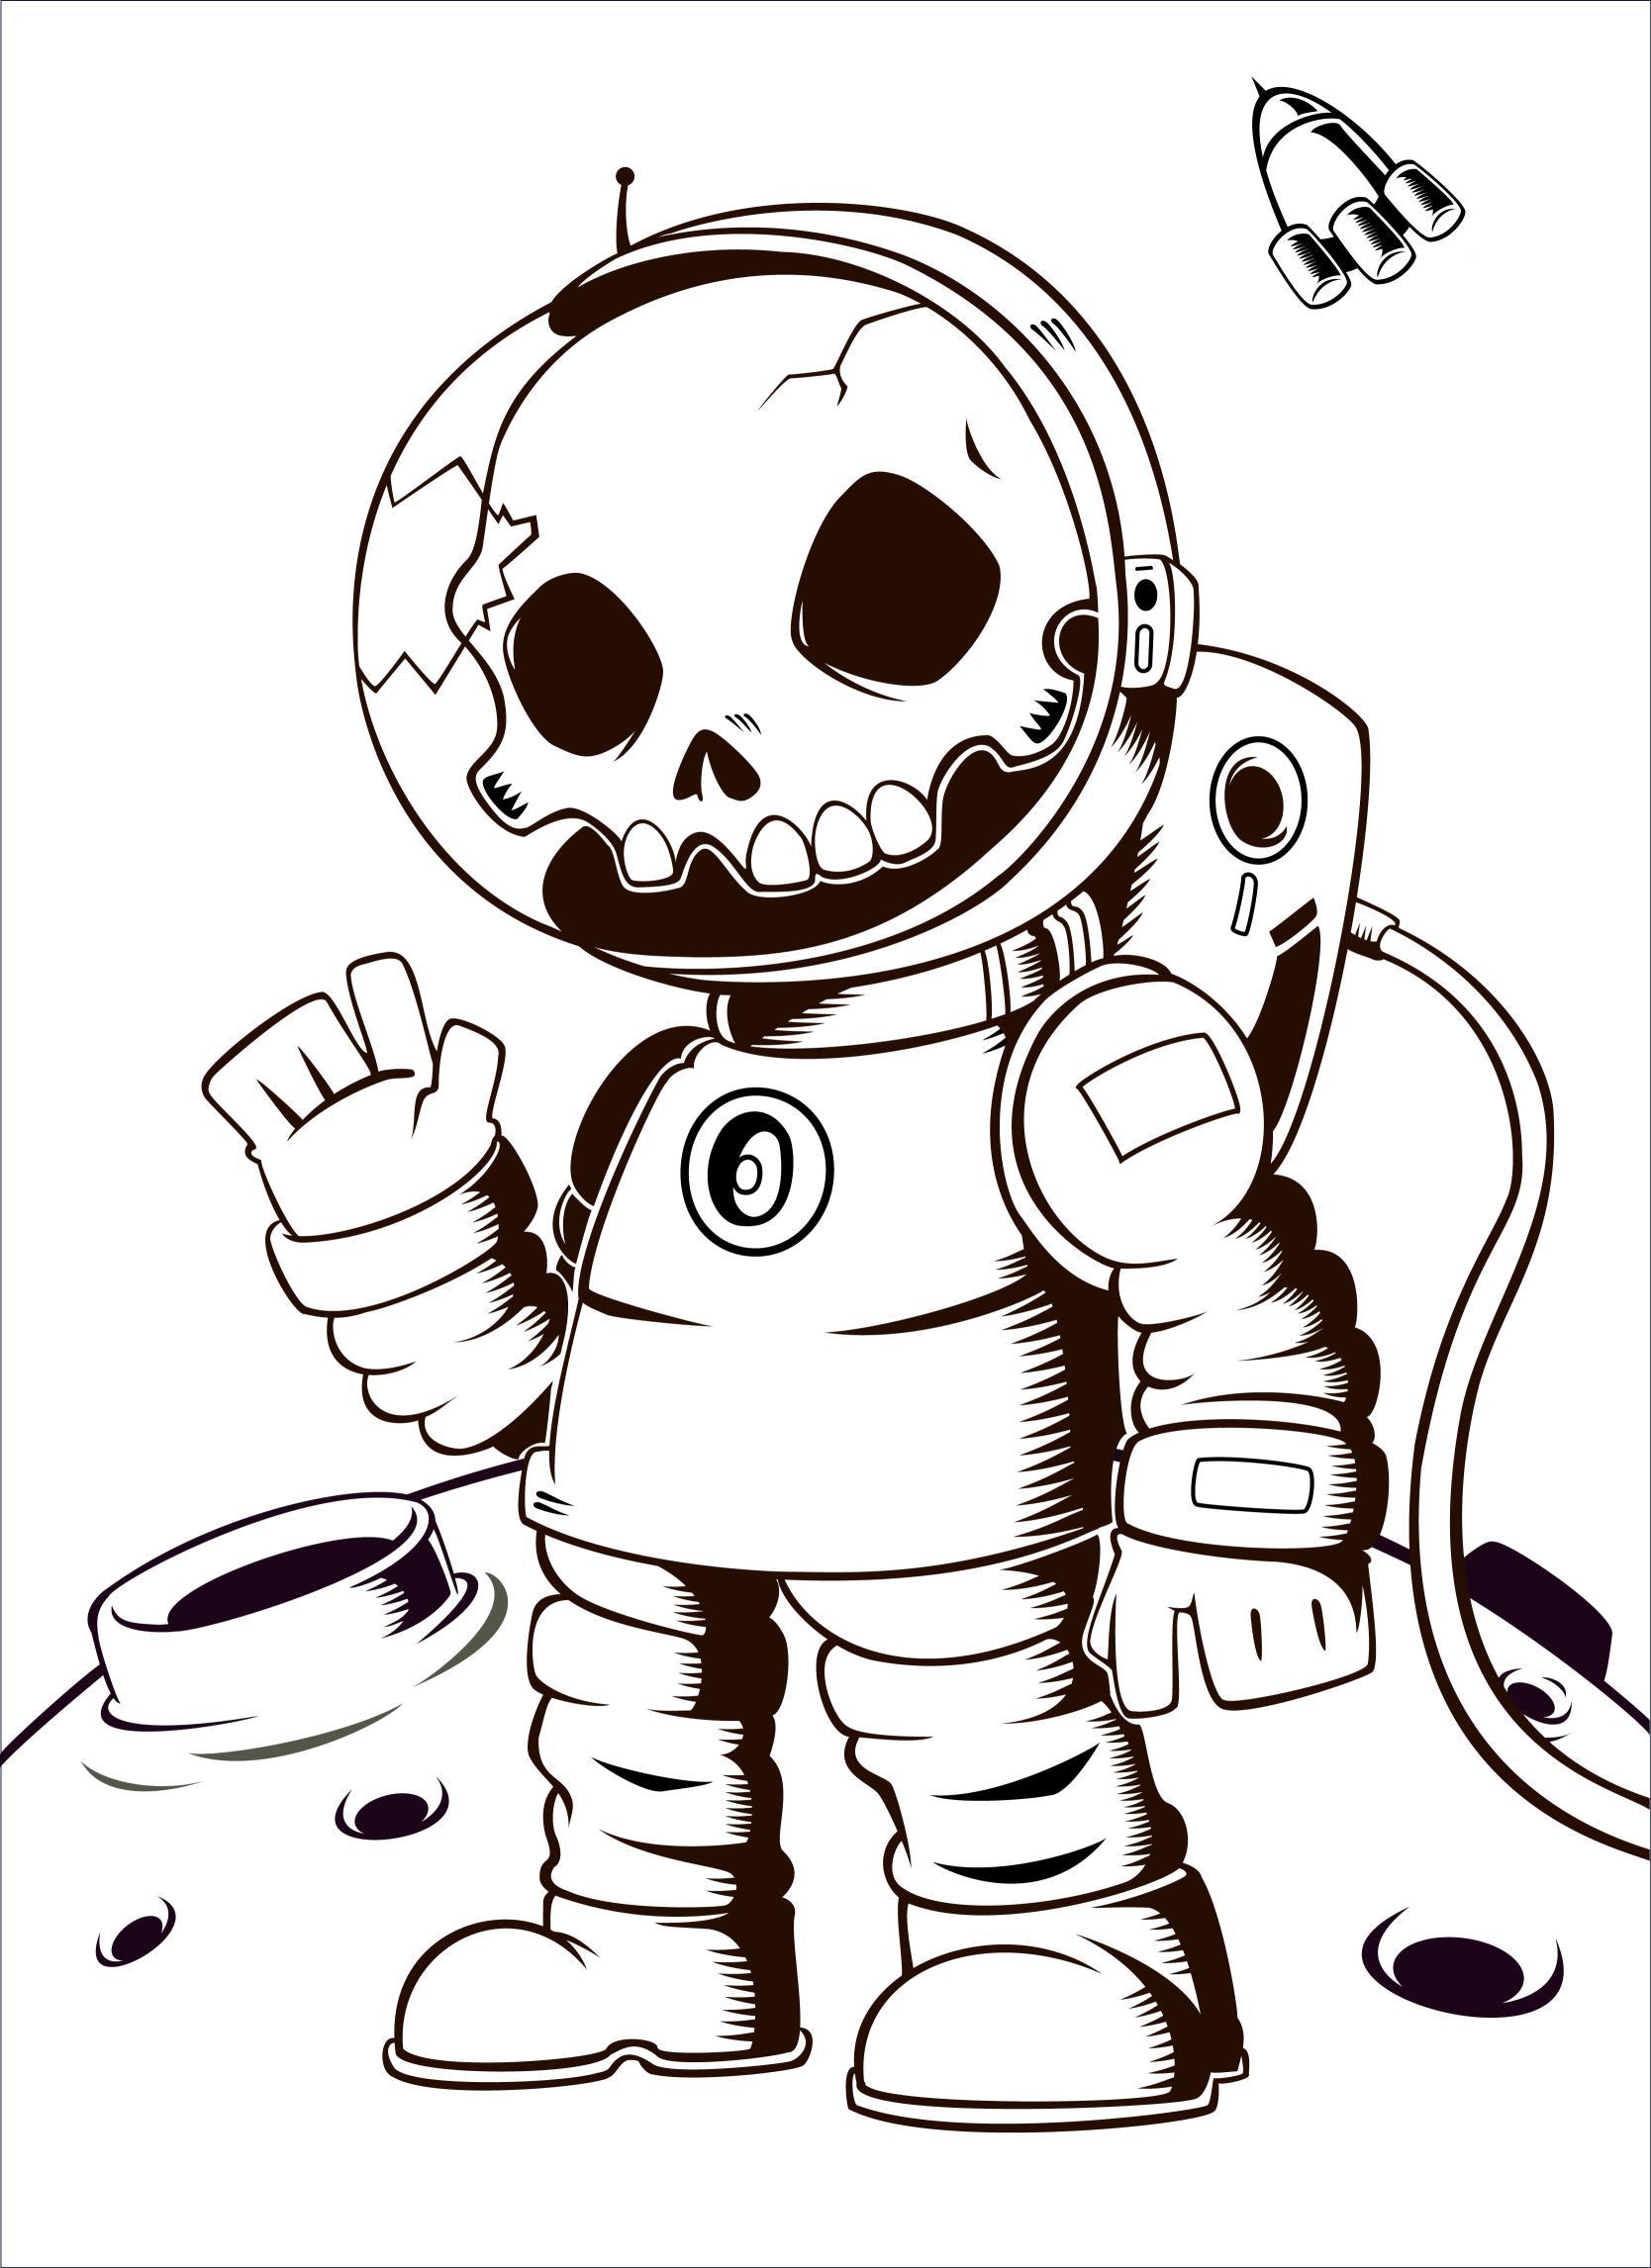 动漫 简笔画 卡通 漫画 手绘 头像 线稿 1668_2292 竖版 竖屏